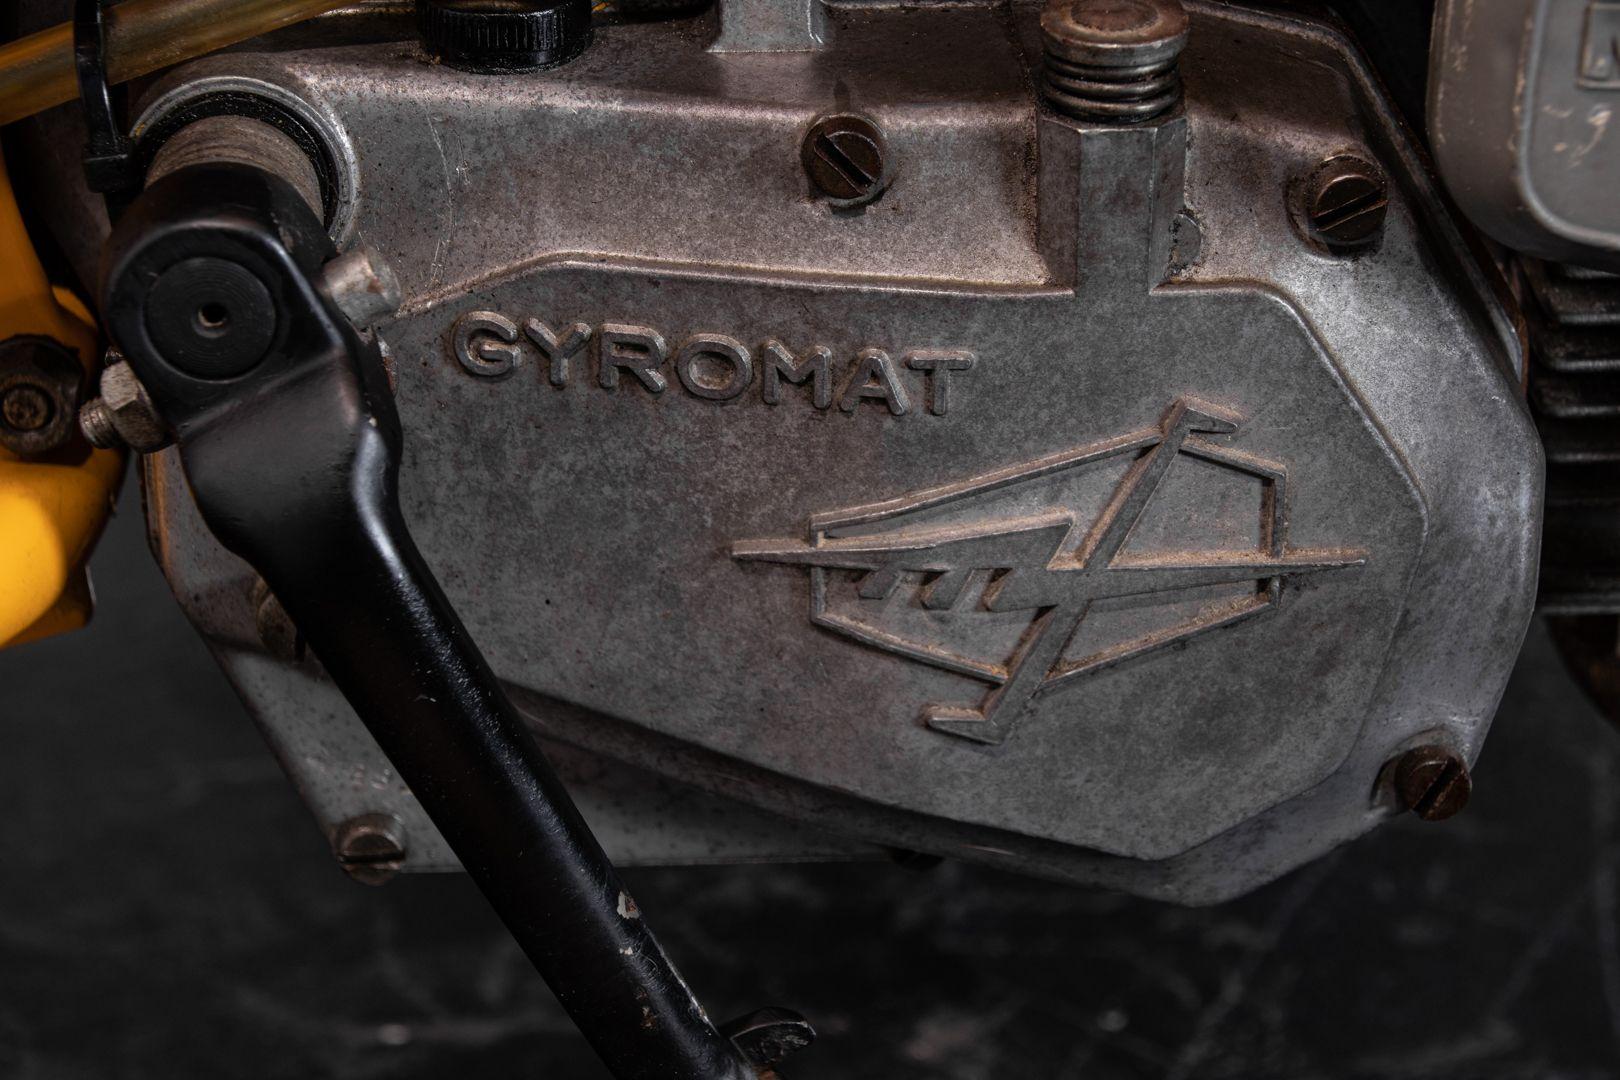 1968 Italjet Kit Kat 64804